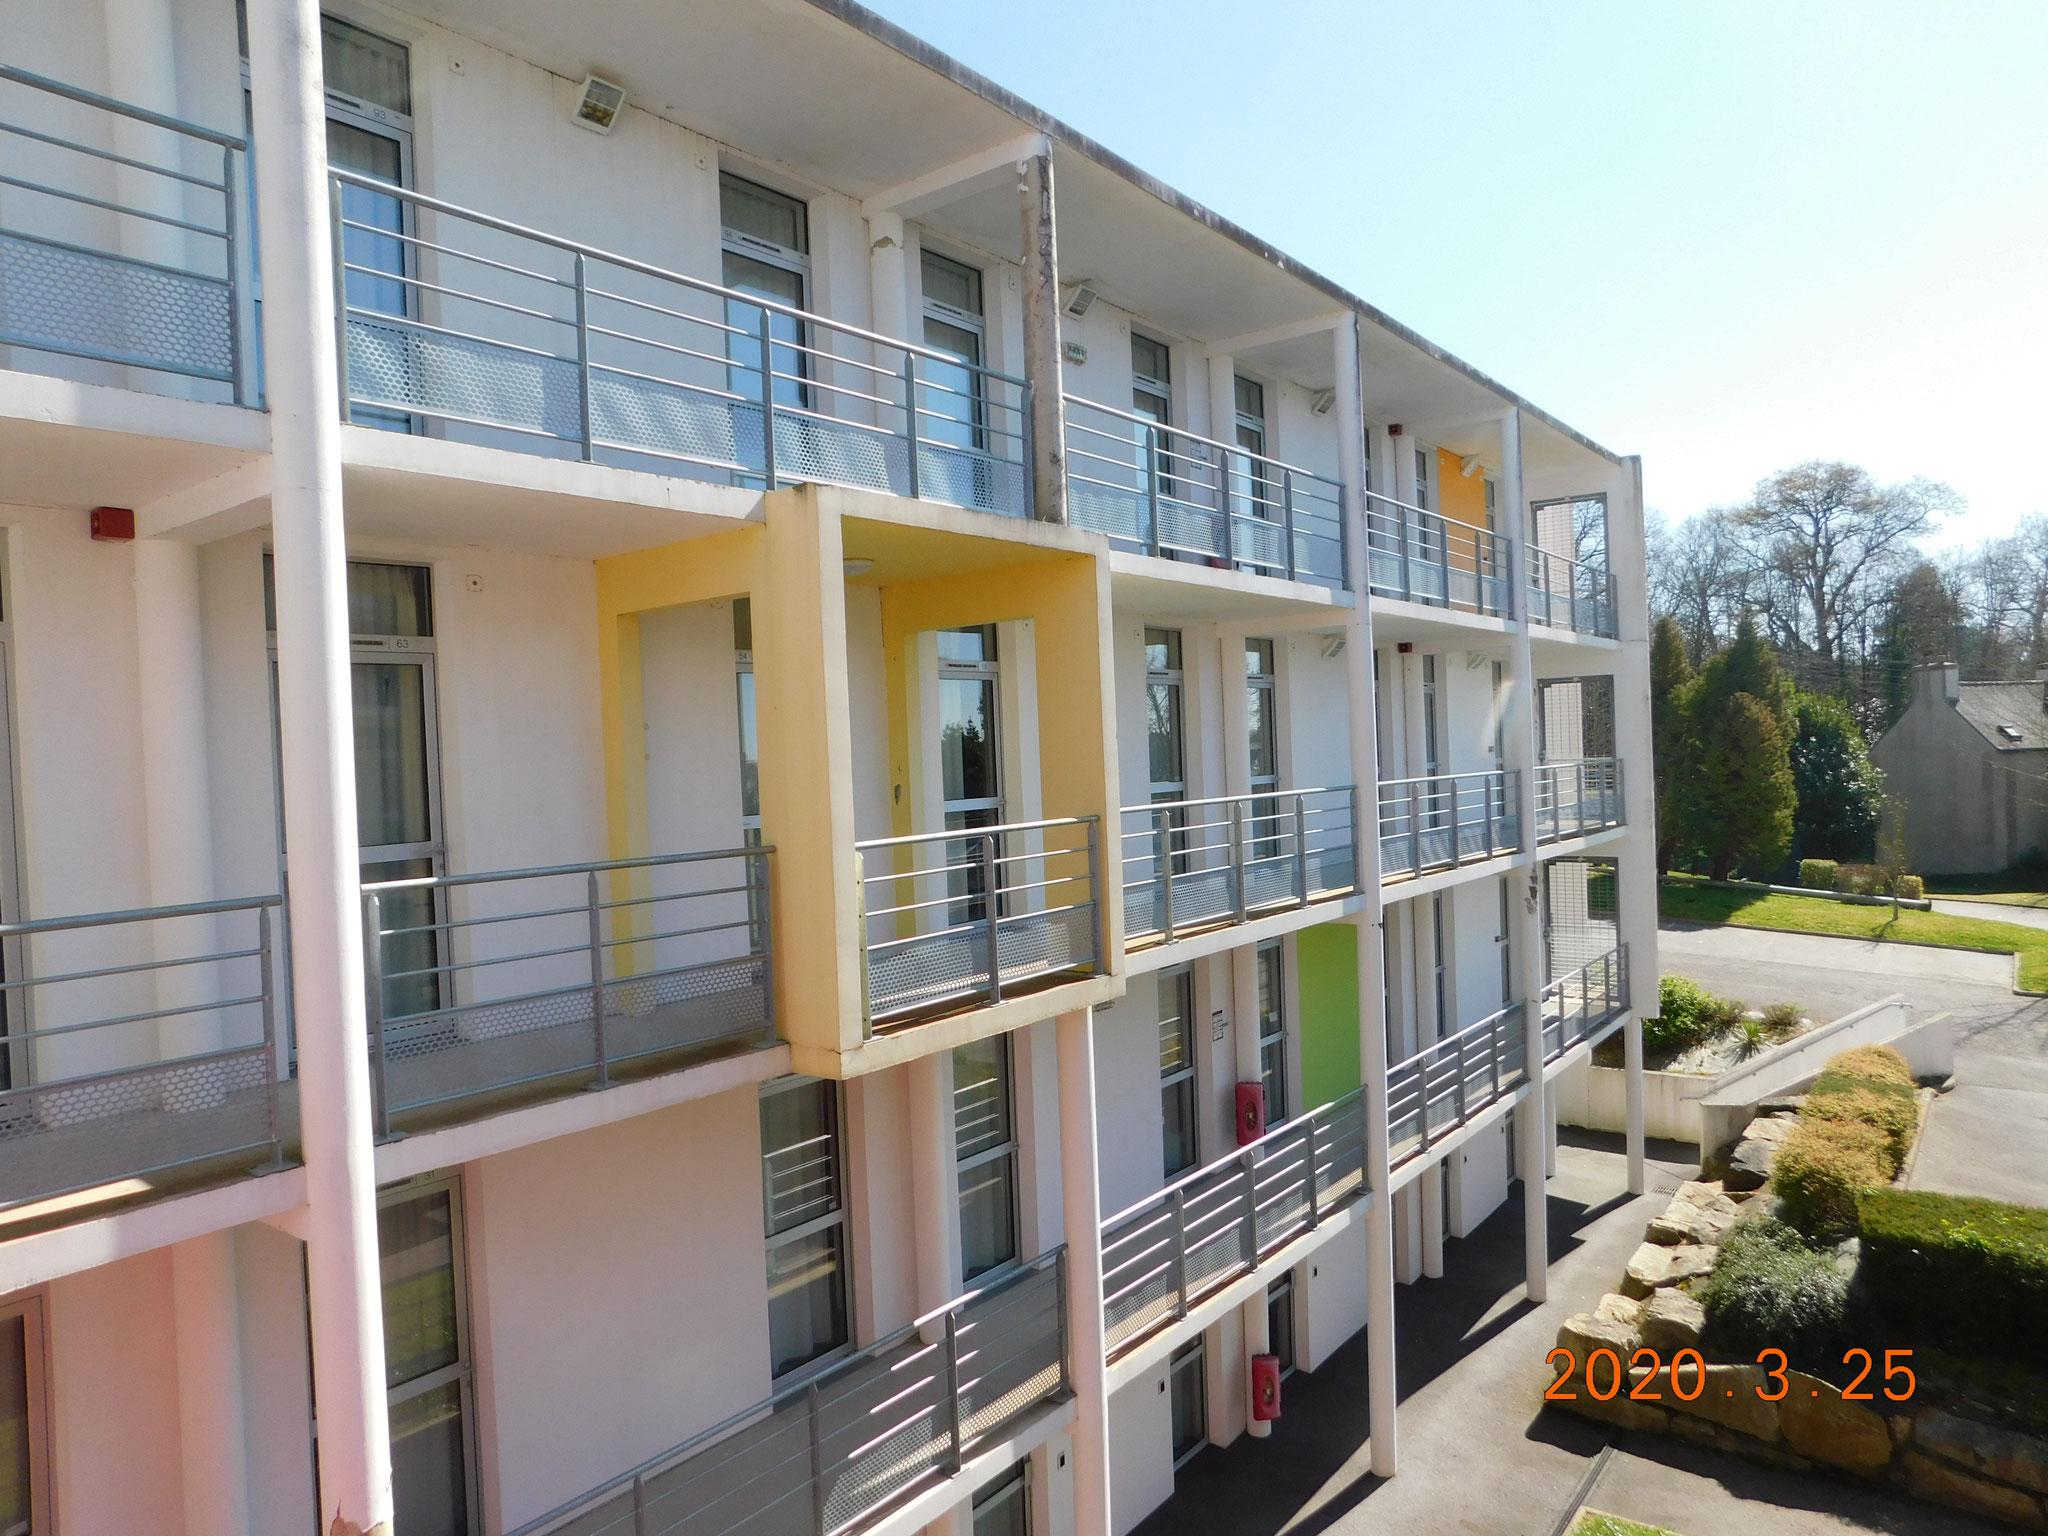 Bâtiment de logements étudiants (Pontivy) : expertise infiltrations / structure béton armé / ITE (Isolation Thermique par l'Extérieur)